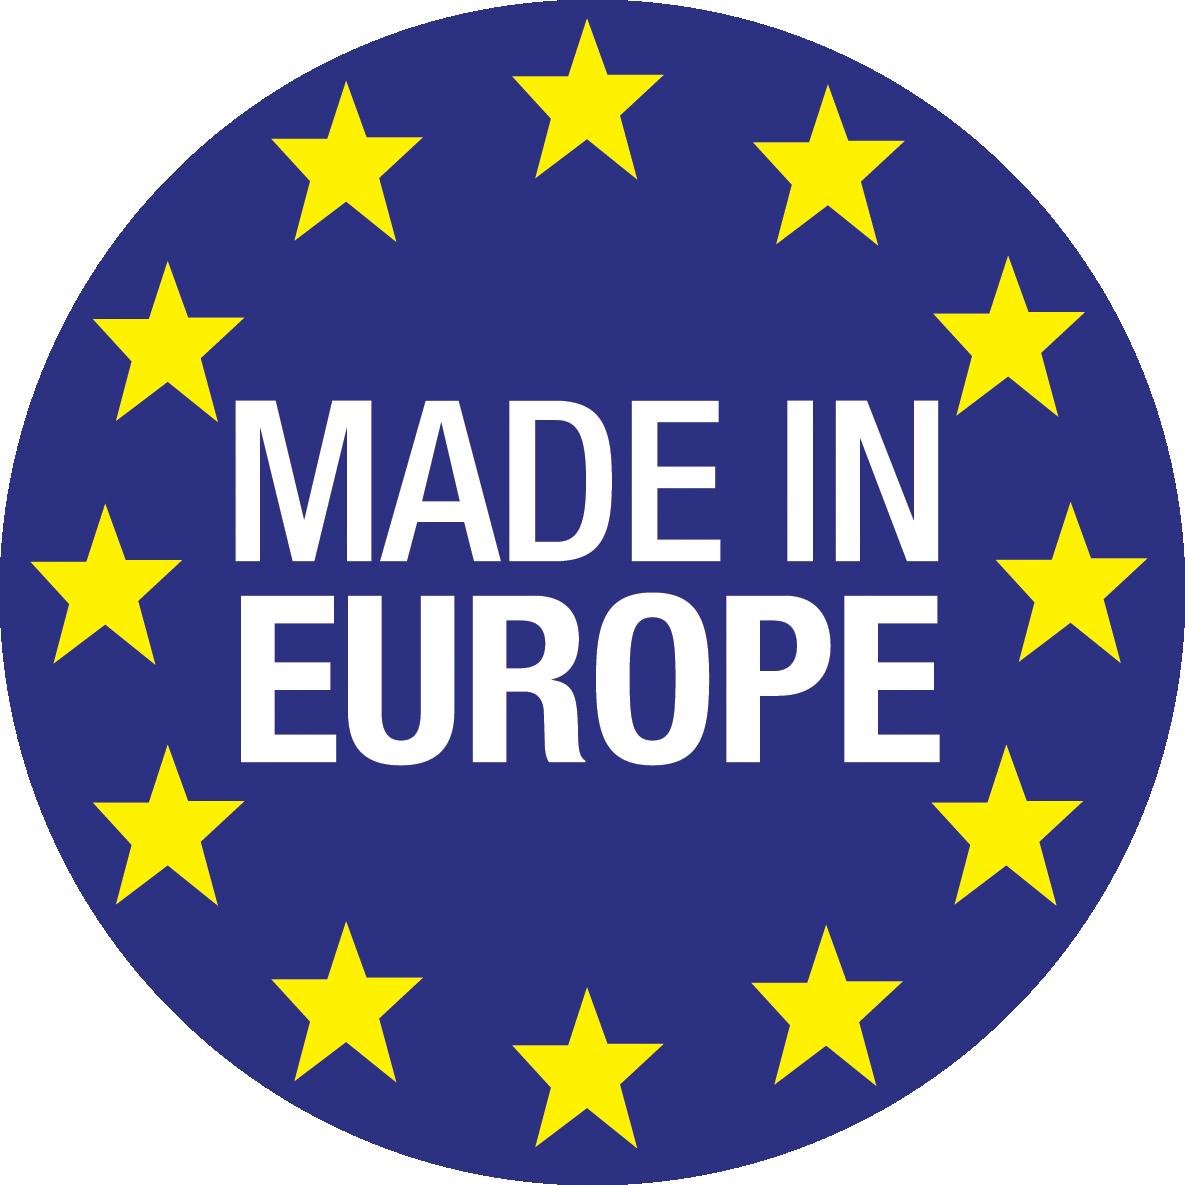 Oceanic Saunas Made in Europe logo